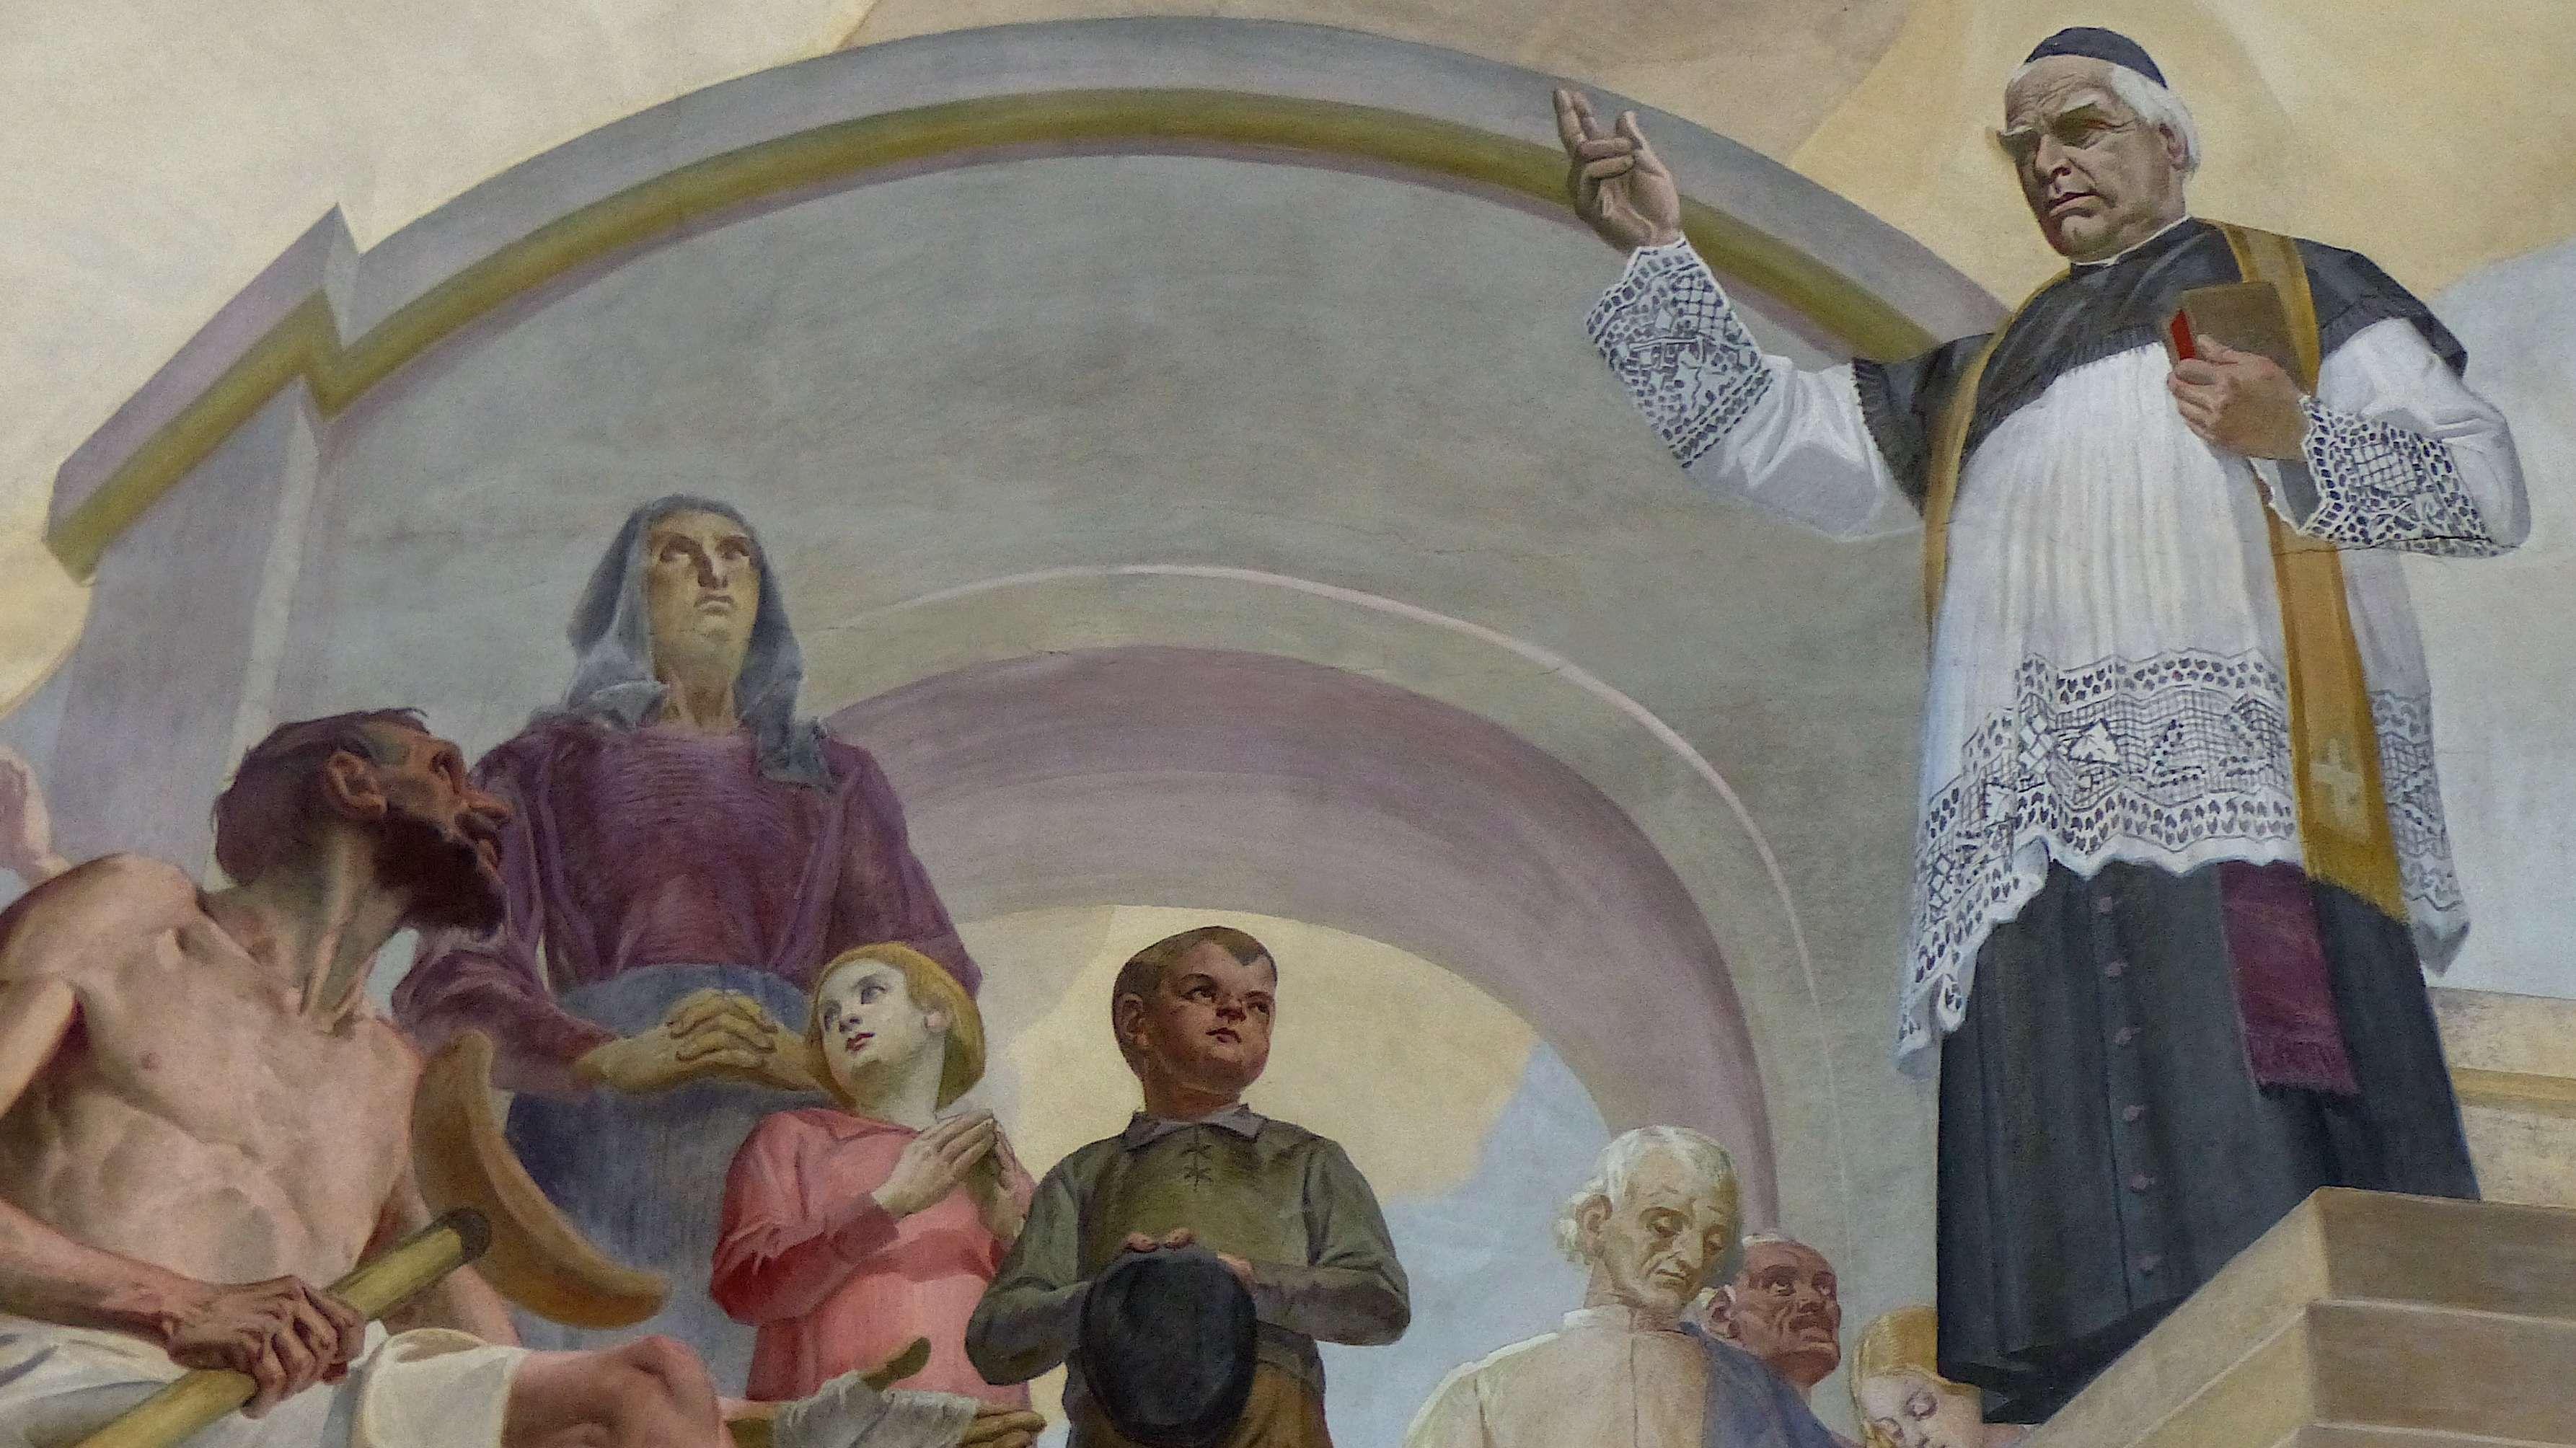 Pfarrer Kneipp und seine Hydrotherapie, Deckenfresko in St. Justina, Wörishofen.